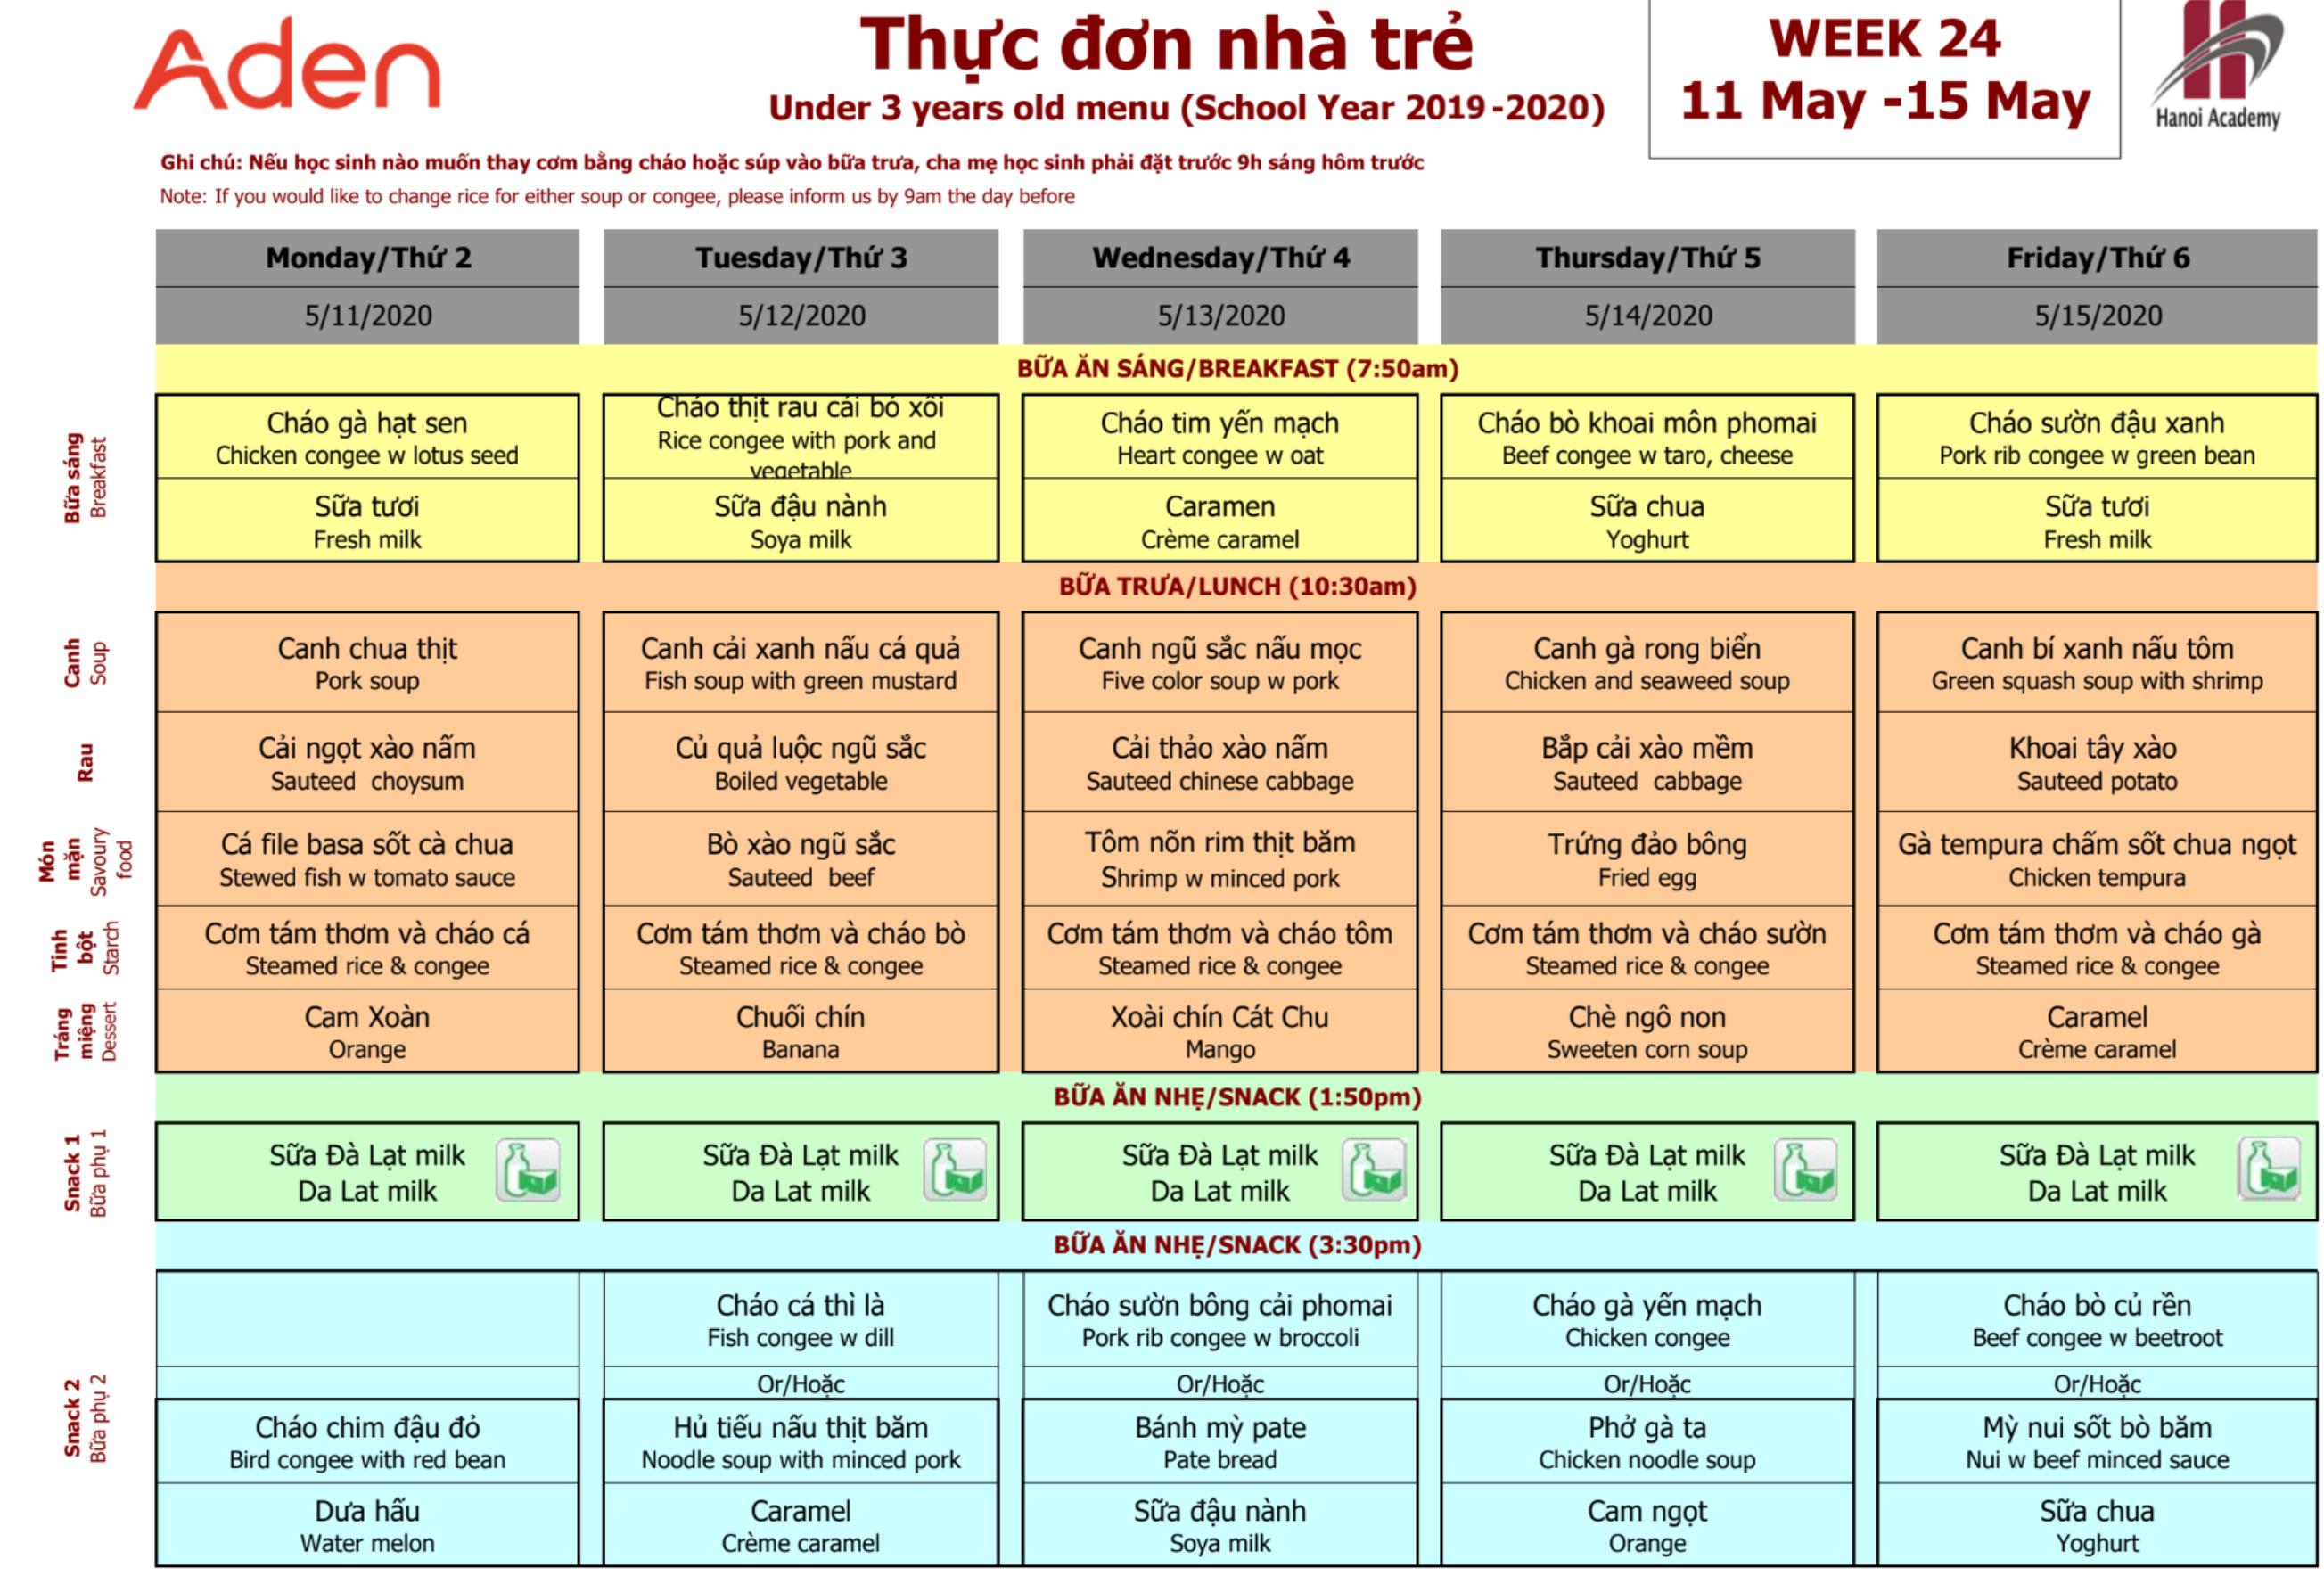 Thực đơn nhà trẻ của Hanoi Academy Thực đơn tuần 24 (11/05 -15/05) trường Hanoi Academy